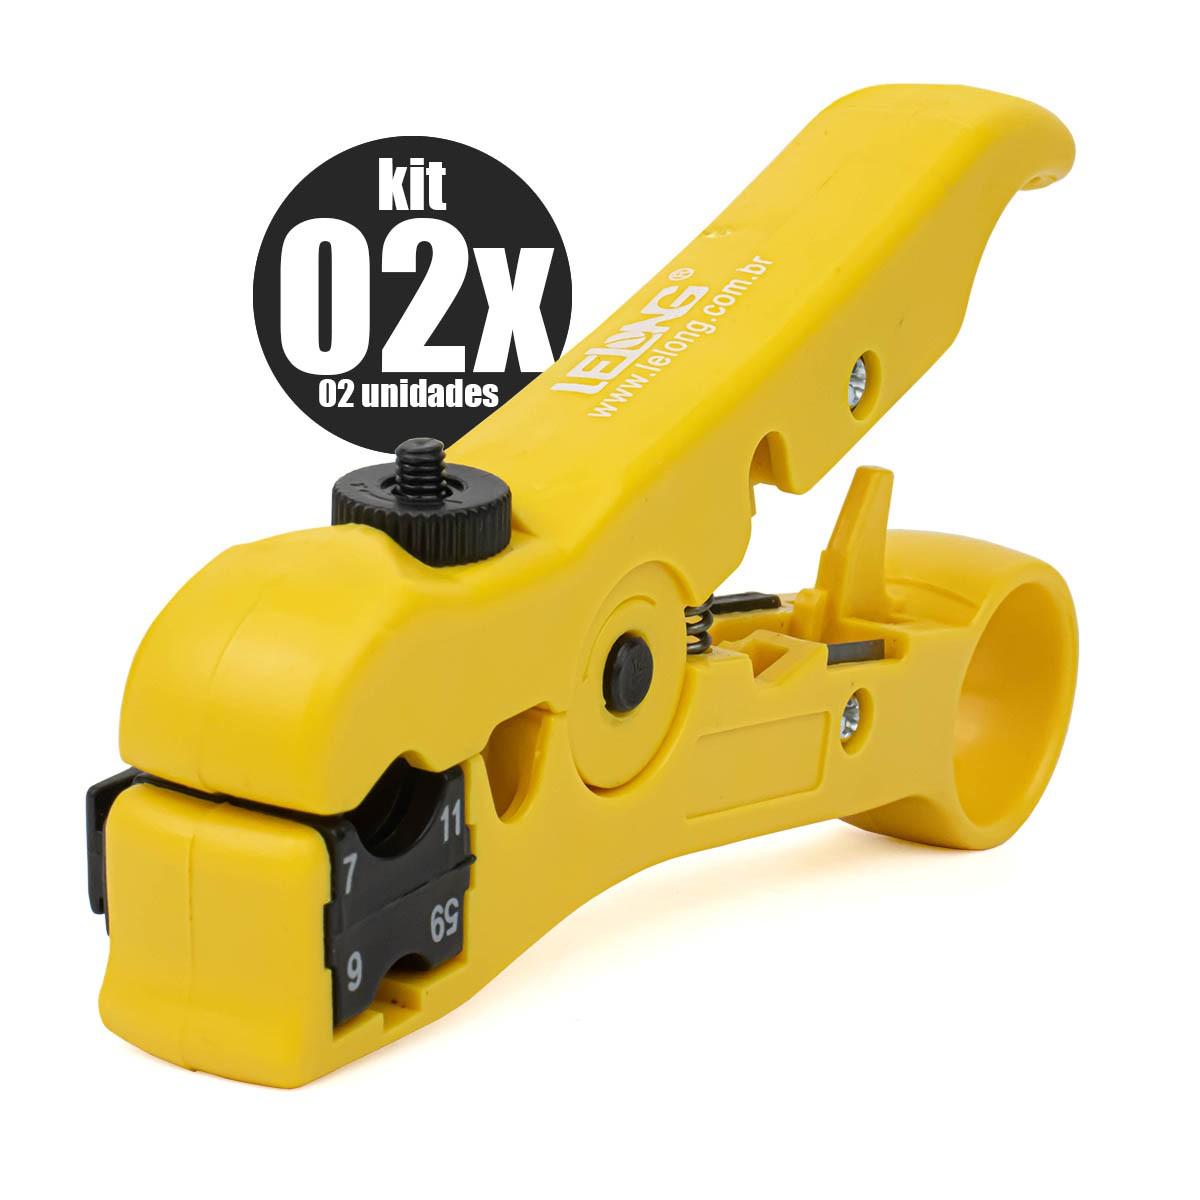 KIT 2x Alicate Desencapador Universal de Fios e Cabos UTP/STP-RG59/6/7/11 Lelong LE-949